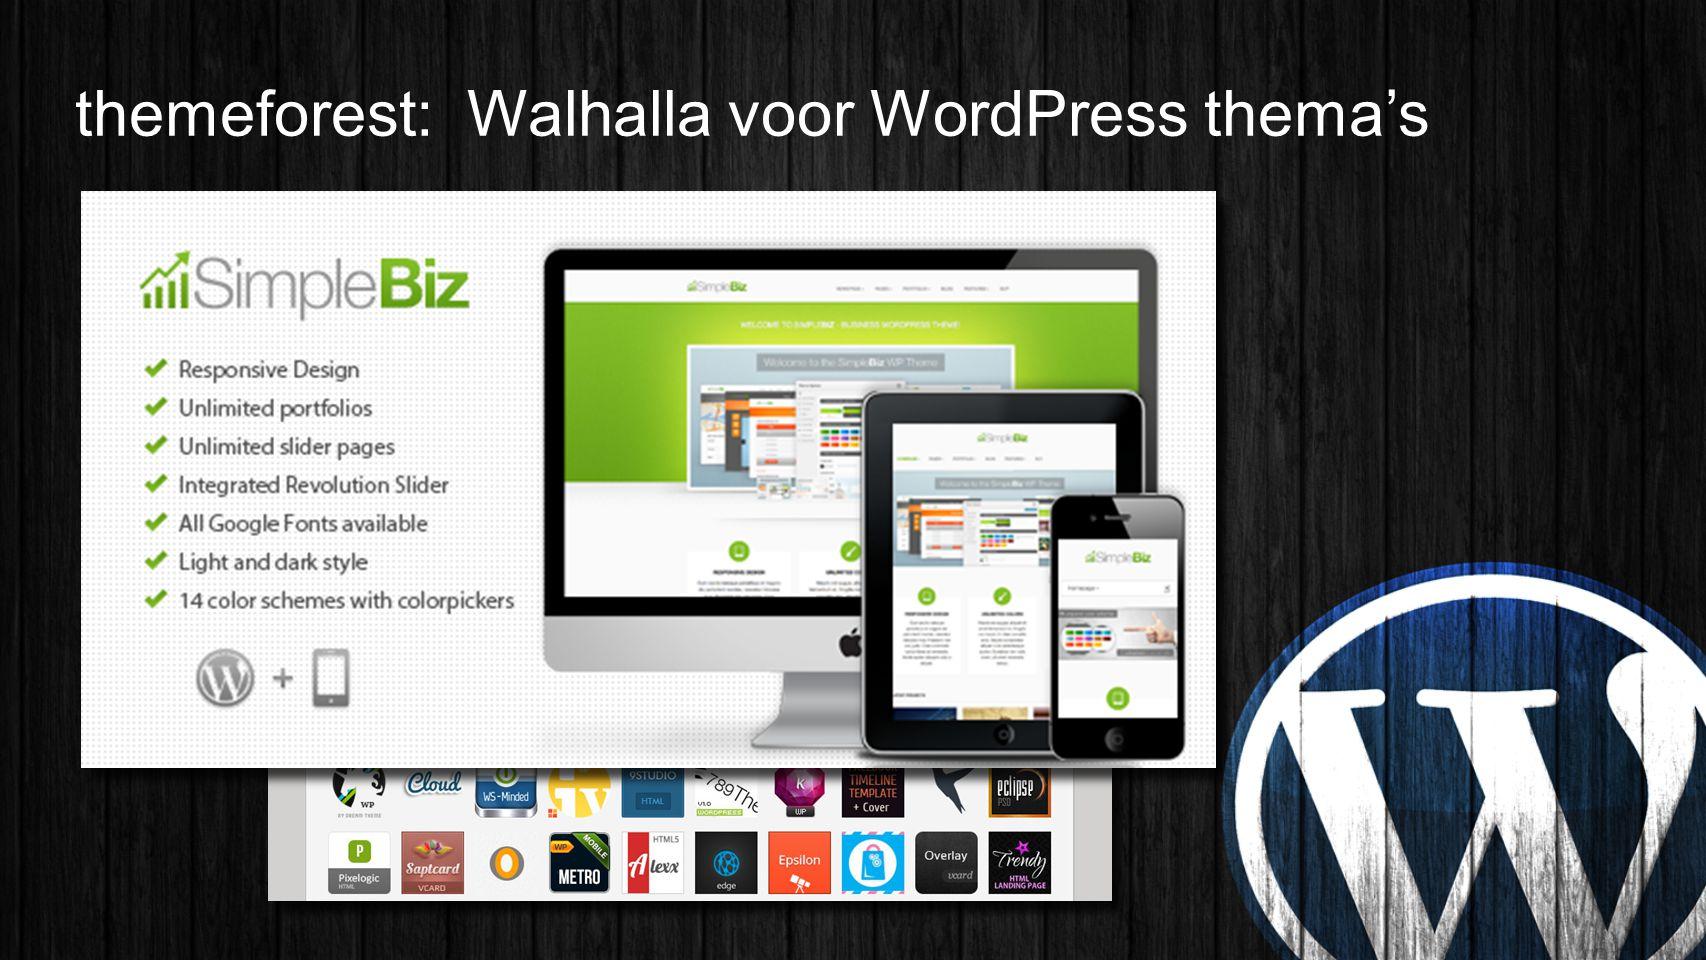 themeforest: Walhalla voor WordPress thema's